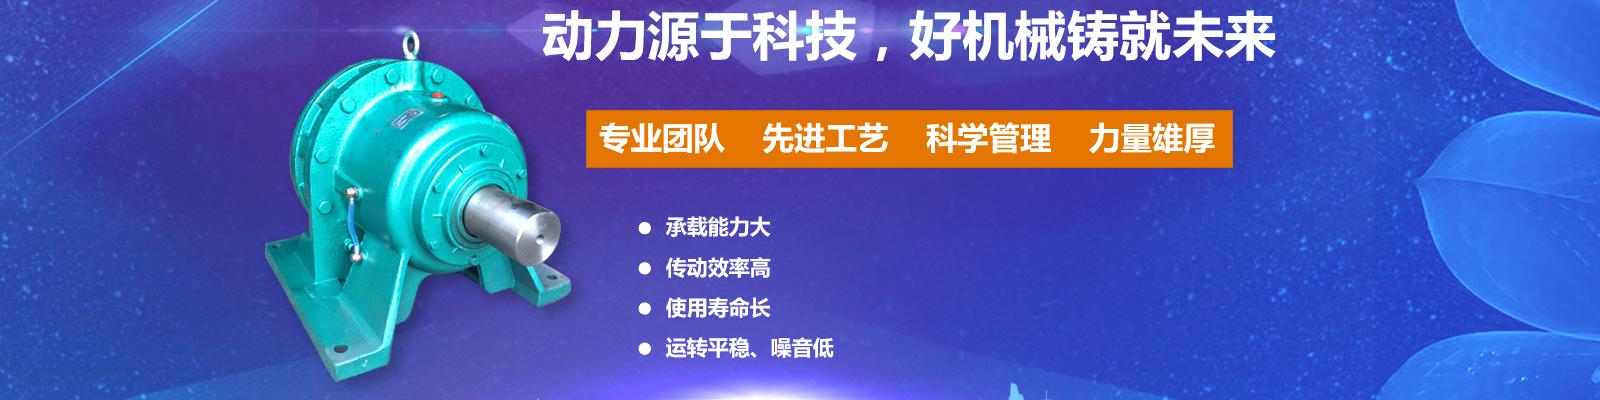 沈阳市铁西区鑫伟东机电产品经销处